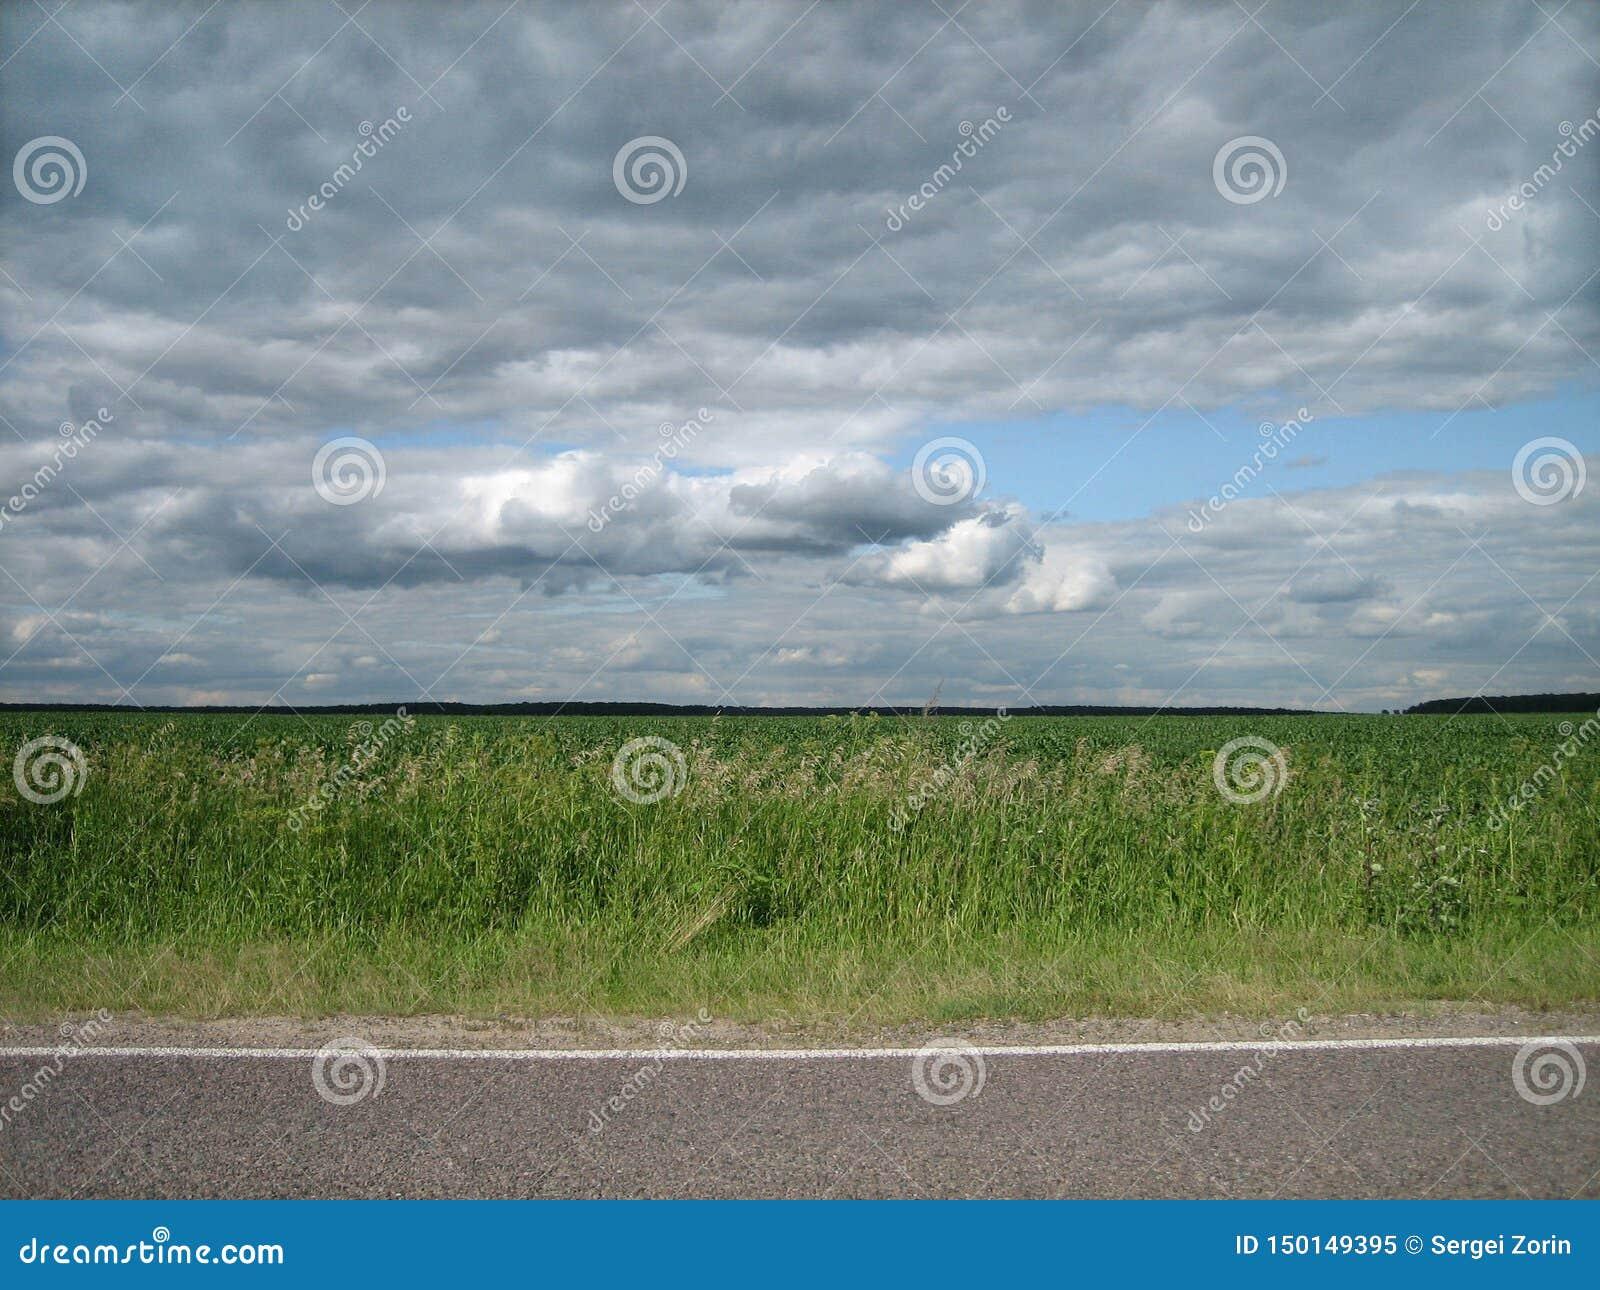 Borda lisa de estradas pavimentadas em um campo verde limpo no campo